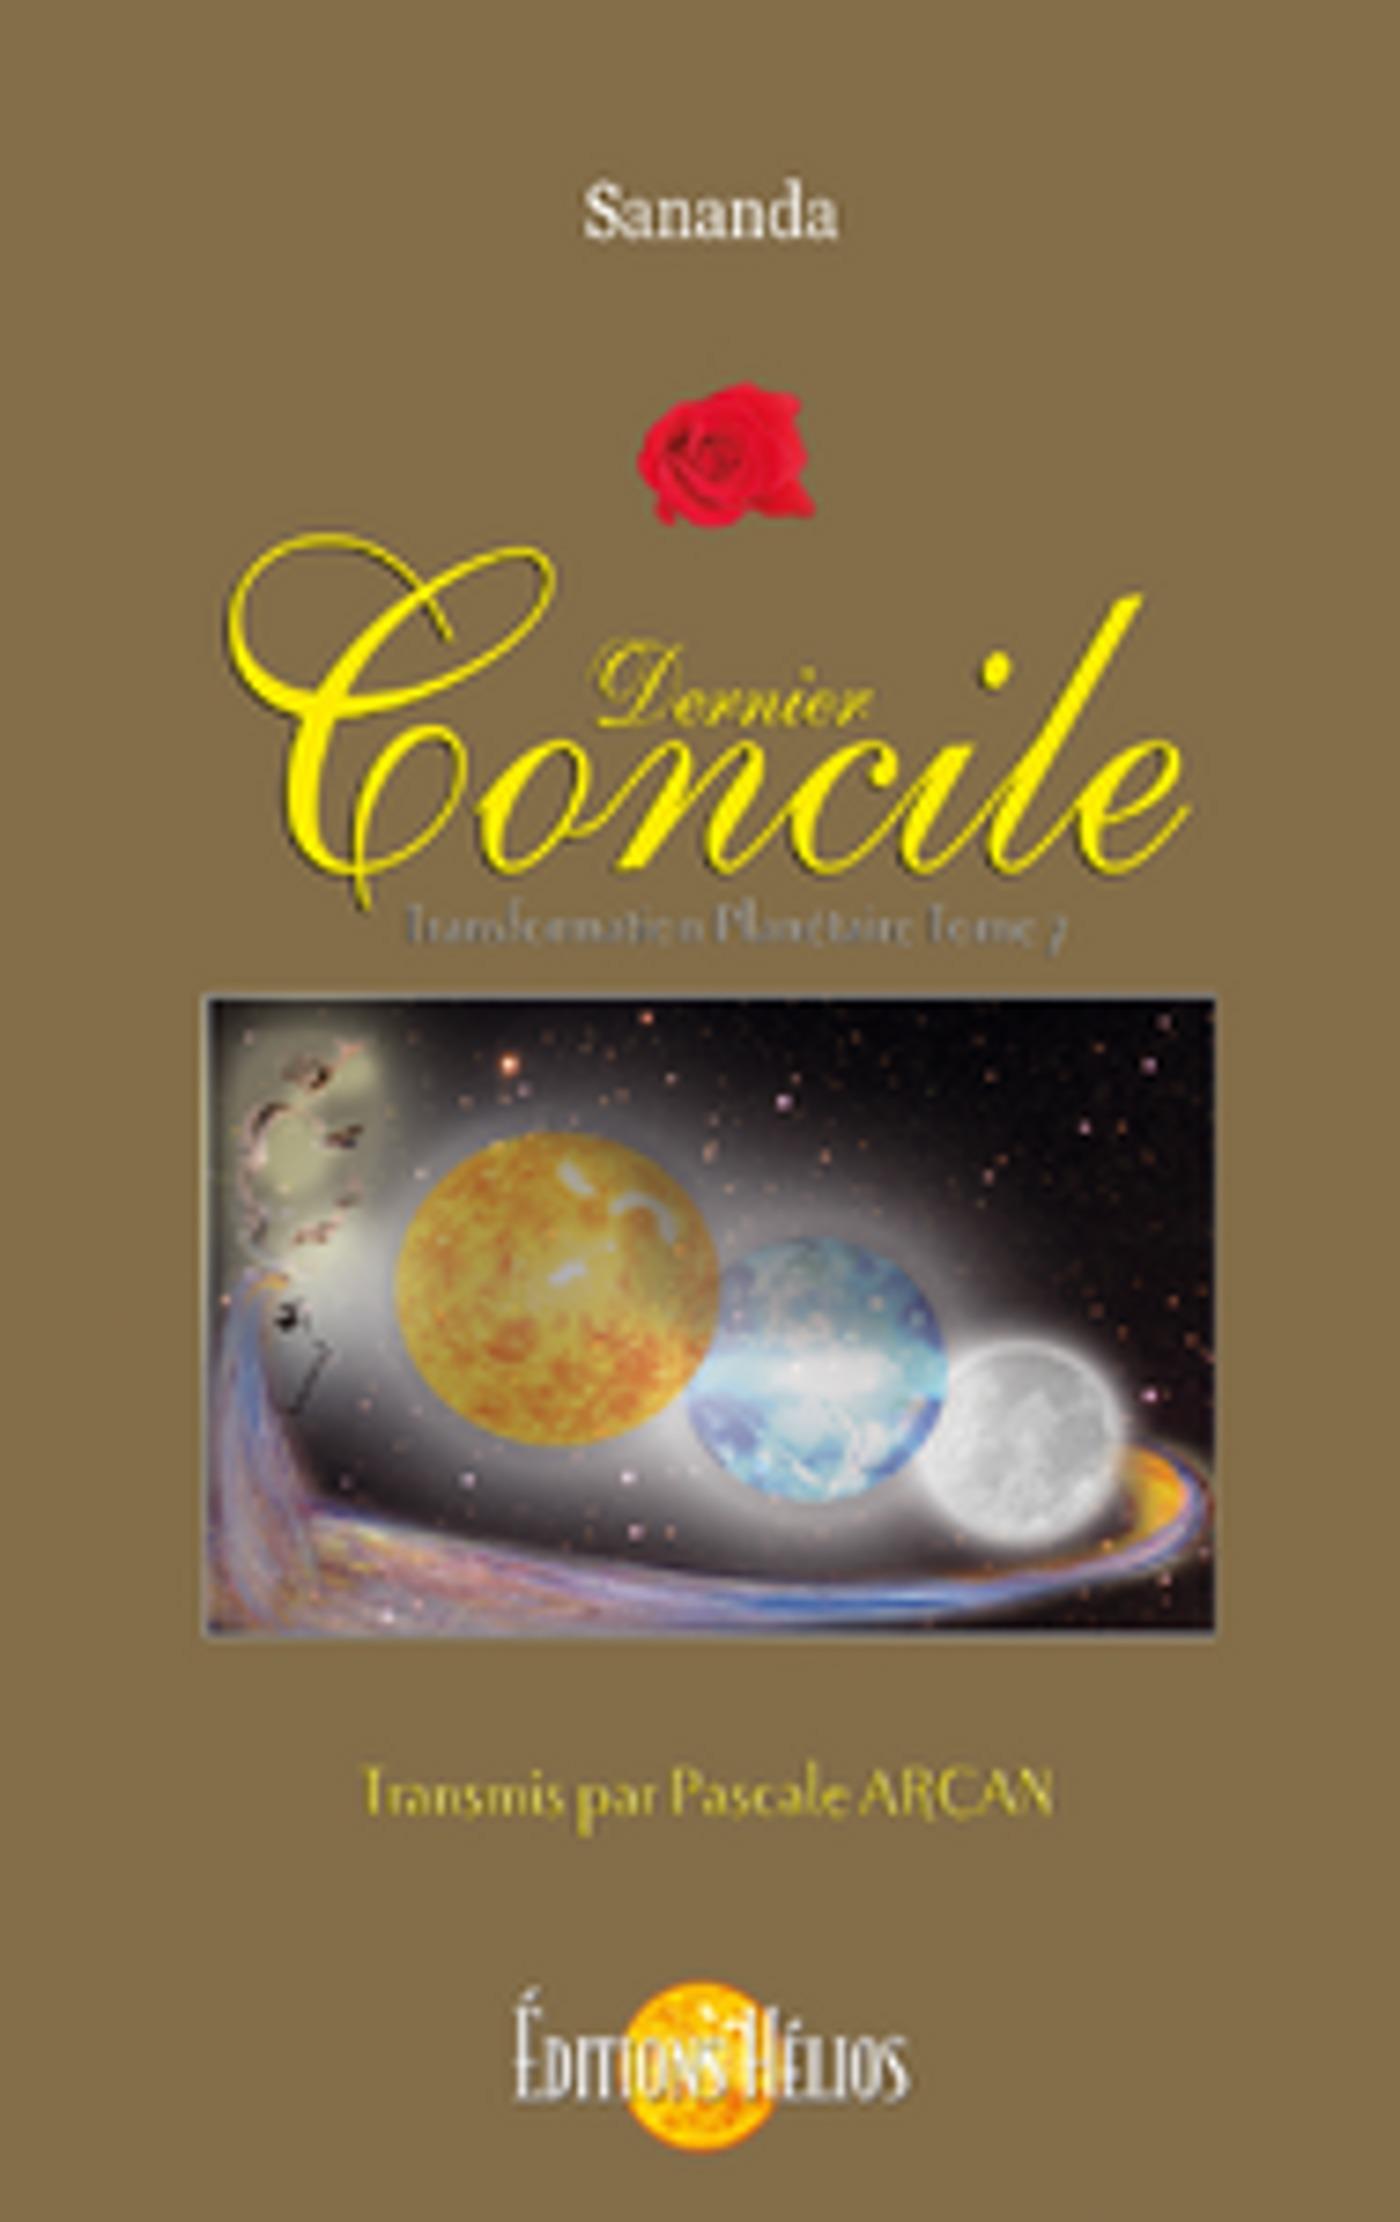 Dernier concile ; transformation planetaire t.7